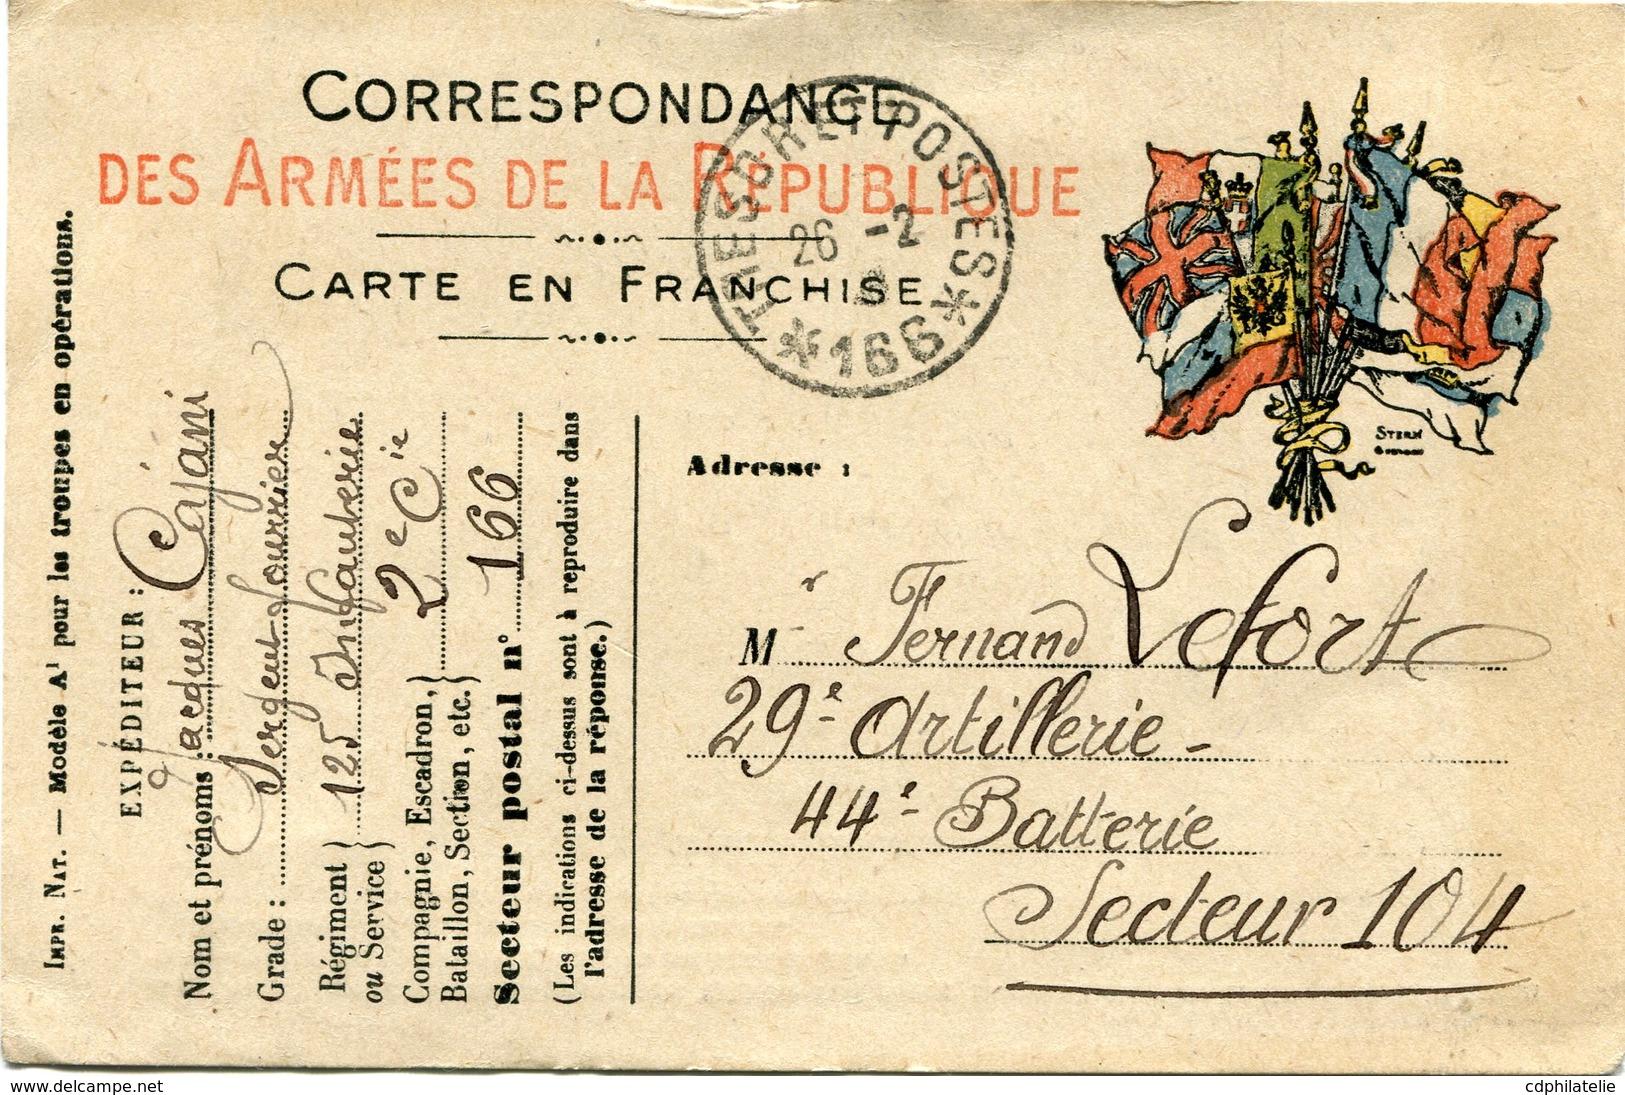 FRANCE CARTE DE FRANCHISE MILITAIRE DEPART TRESOR ET POSTES 26-2-16 * 166 * POUR LA FRANCE - Marcophilie (Lettres)